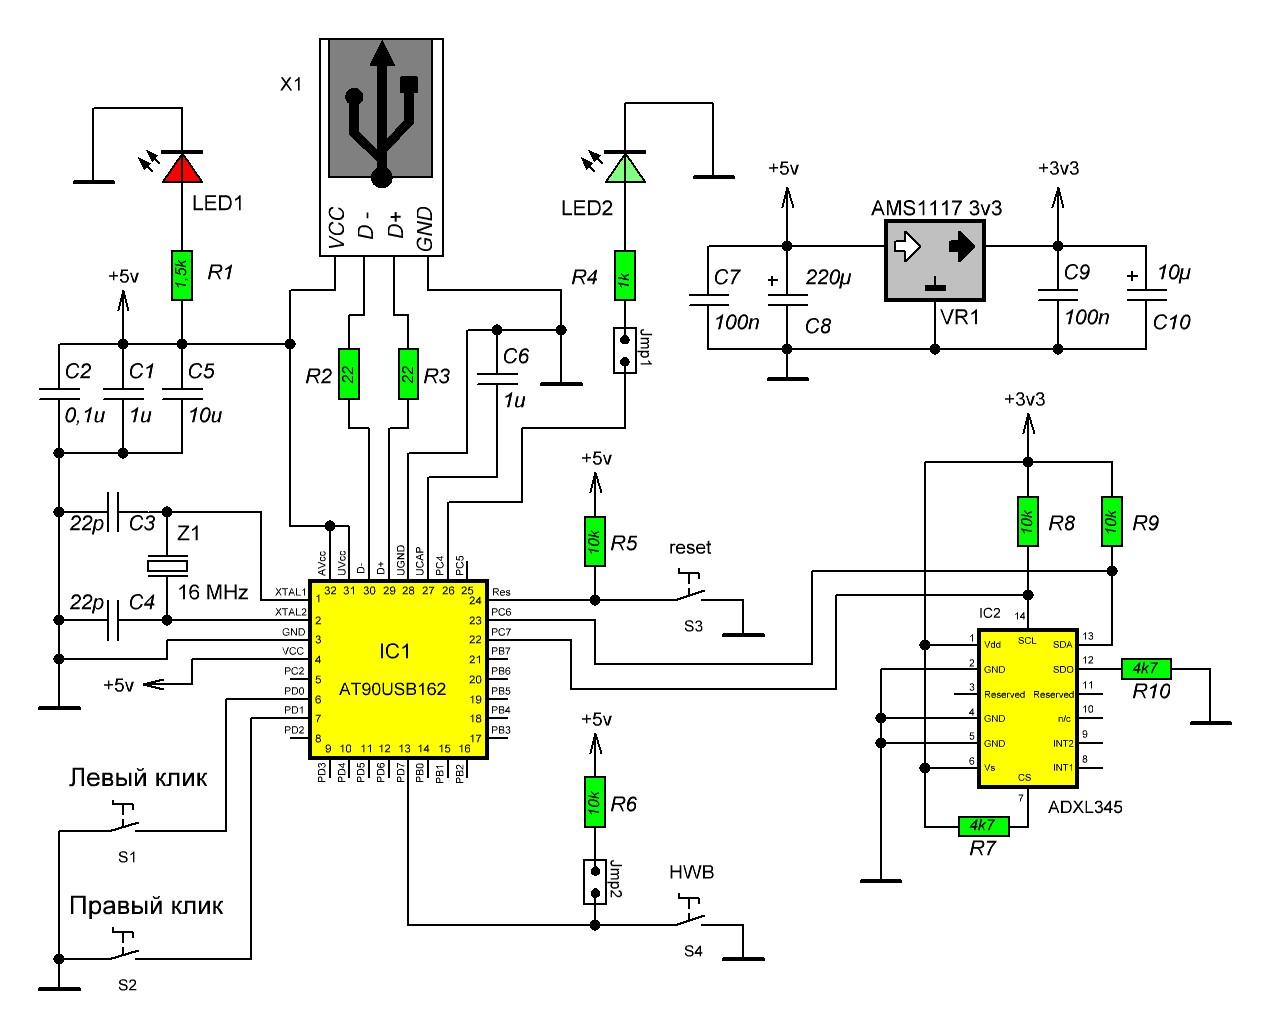 Схемы с оптическими датчиками уровня